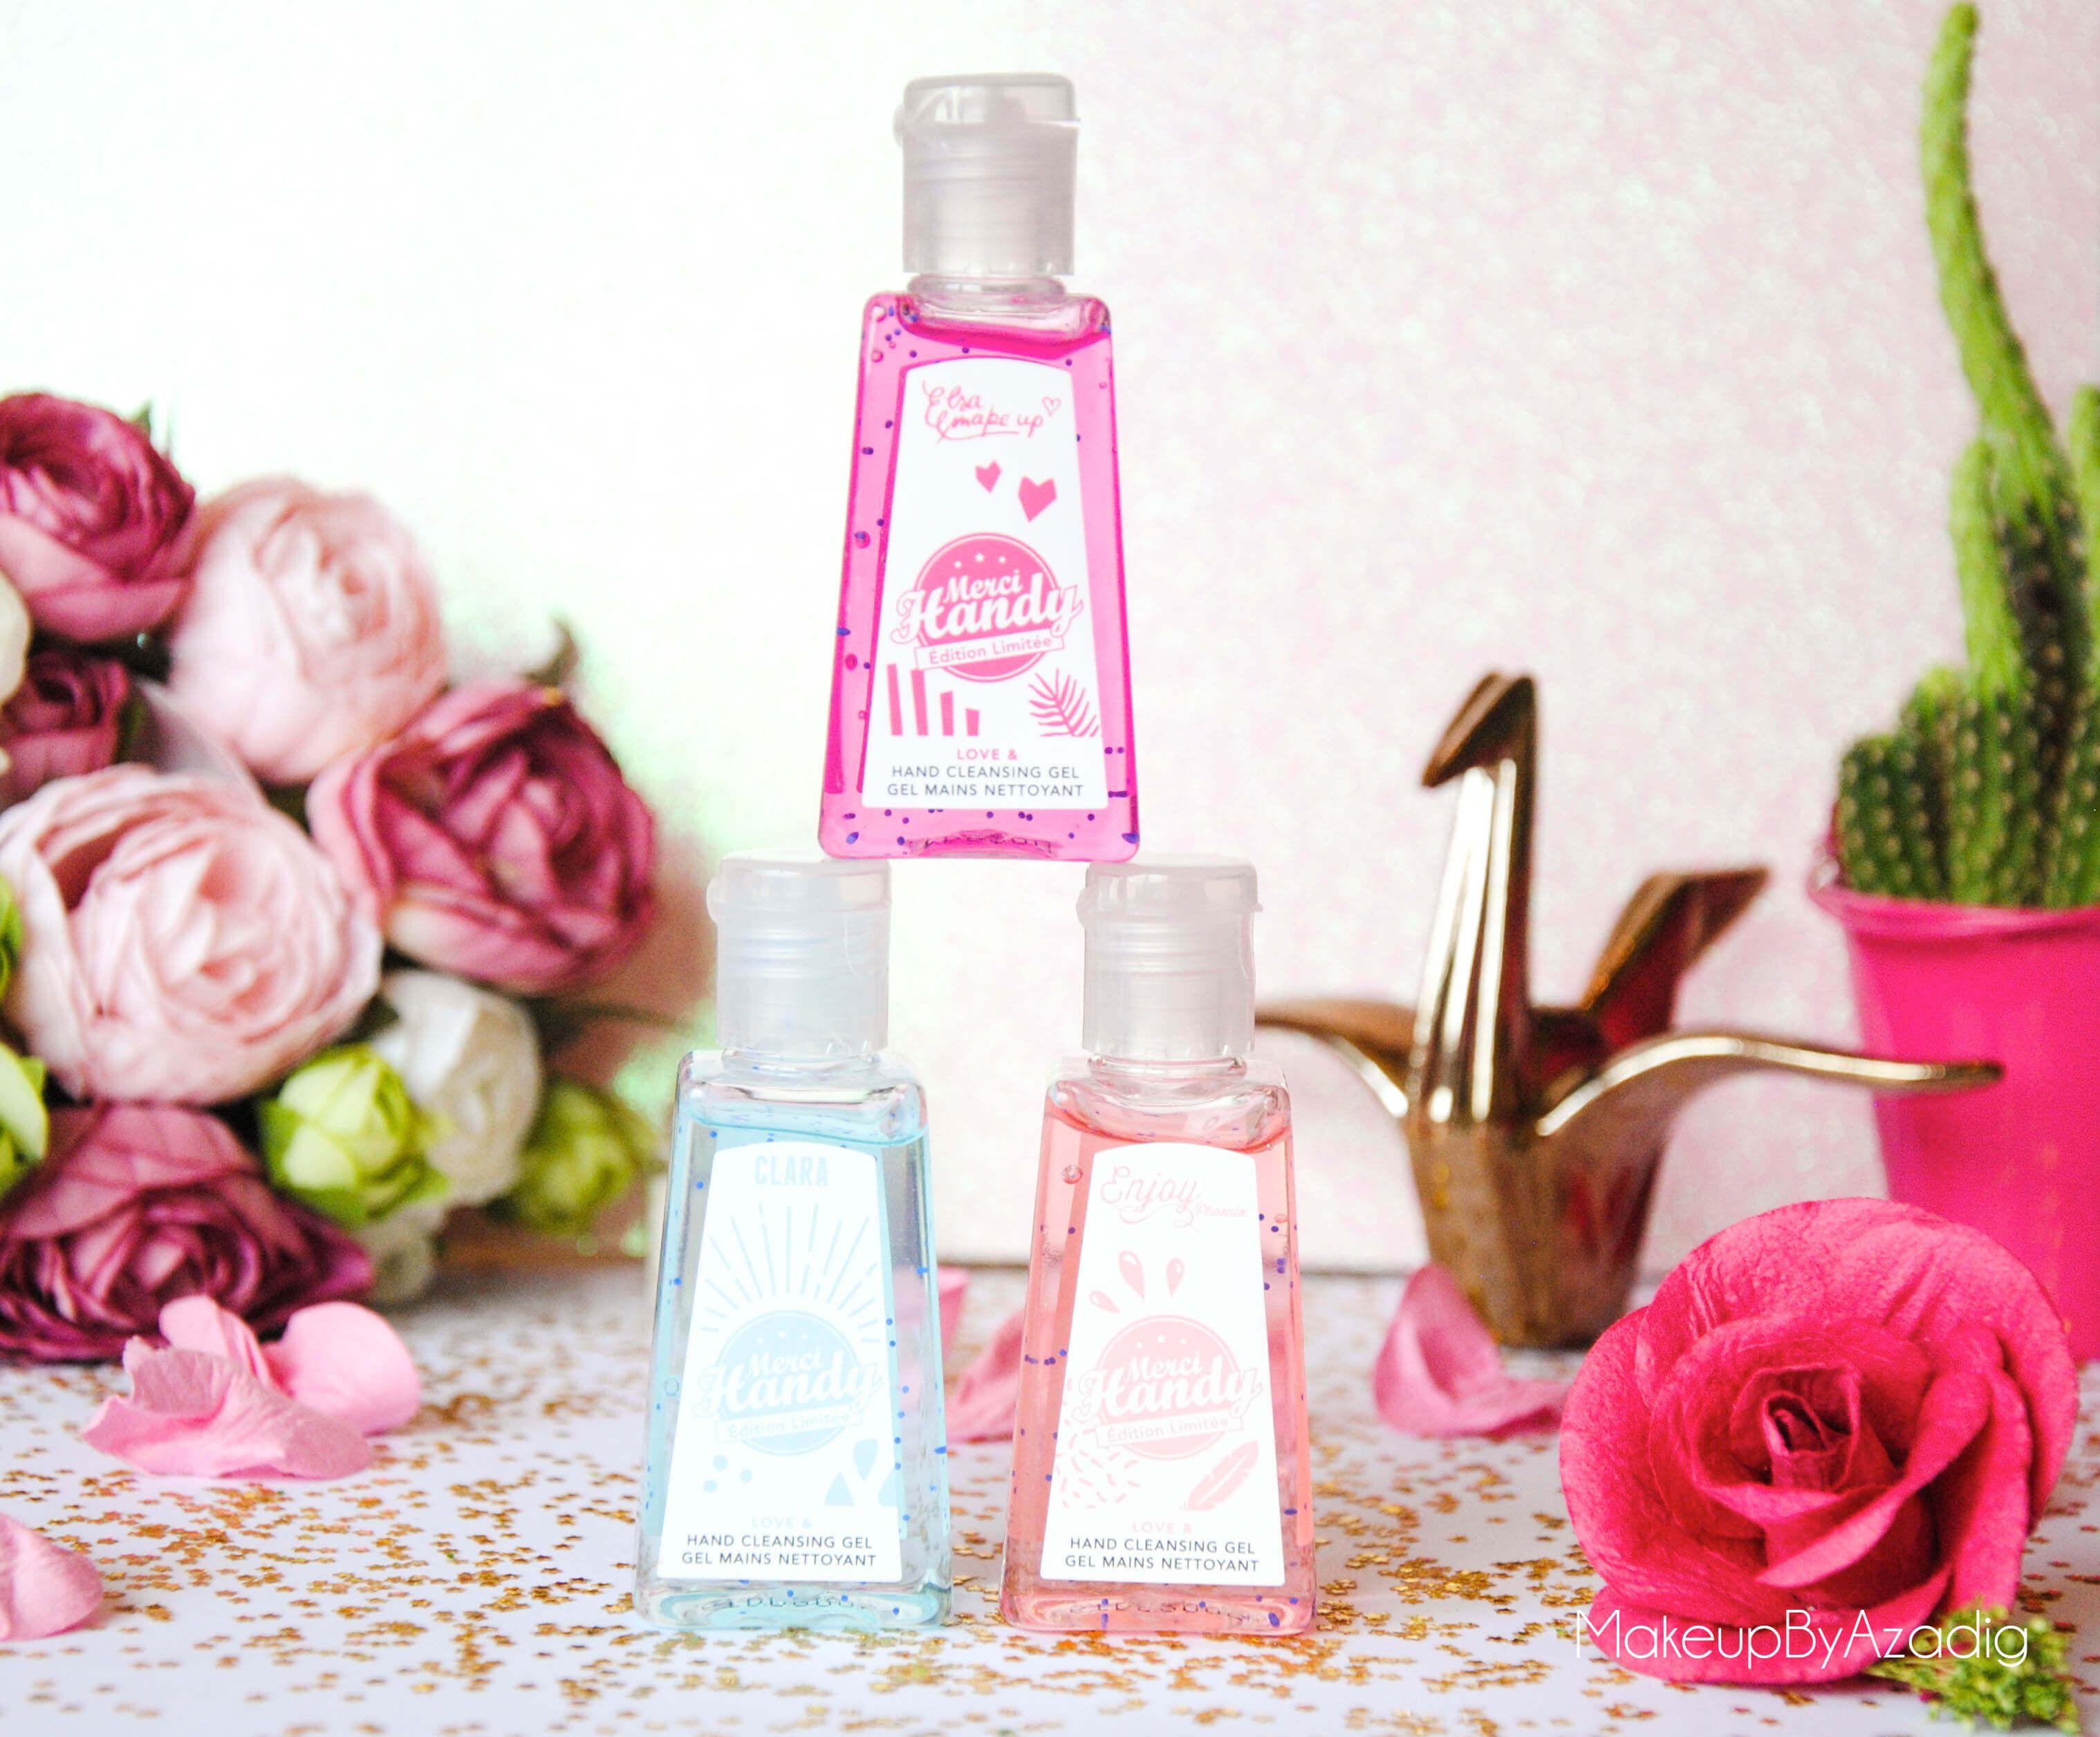 28 Revue Gels Merci Handy X Rose Carpet Produits De Beaute